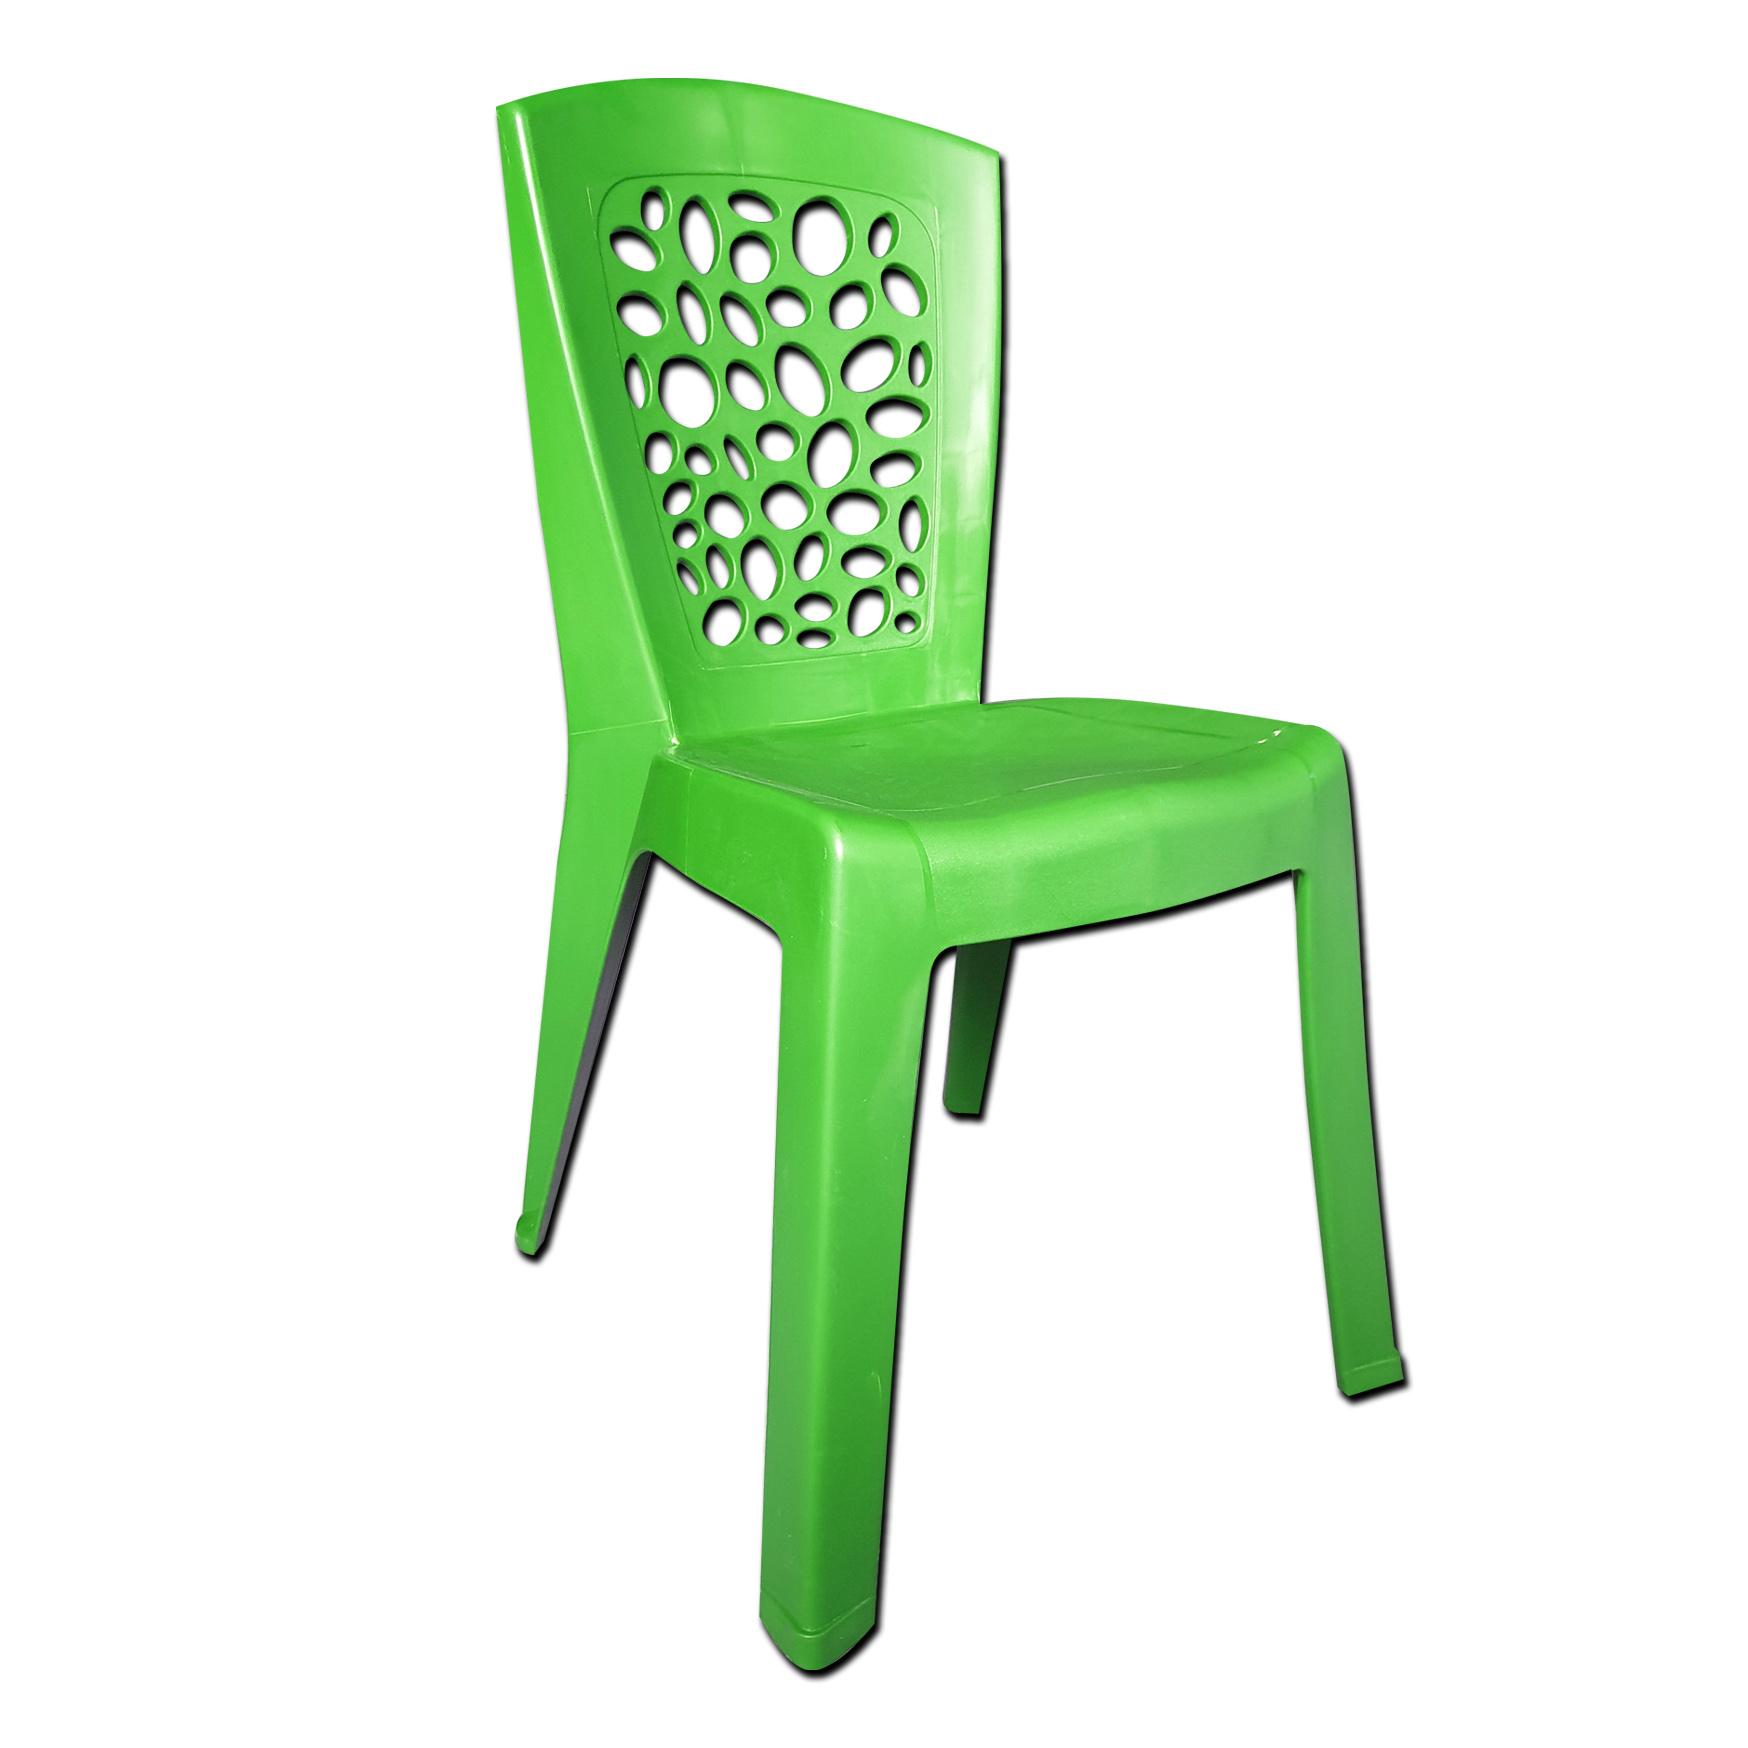 nci green.jpg